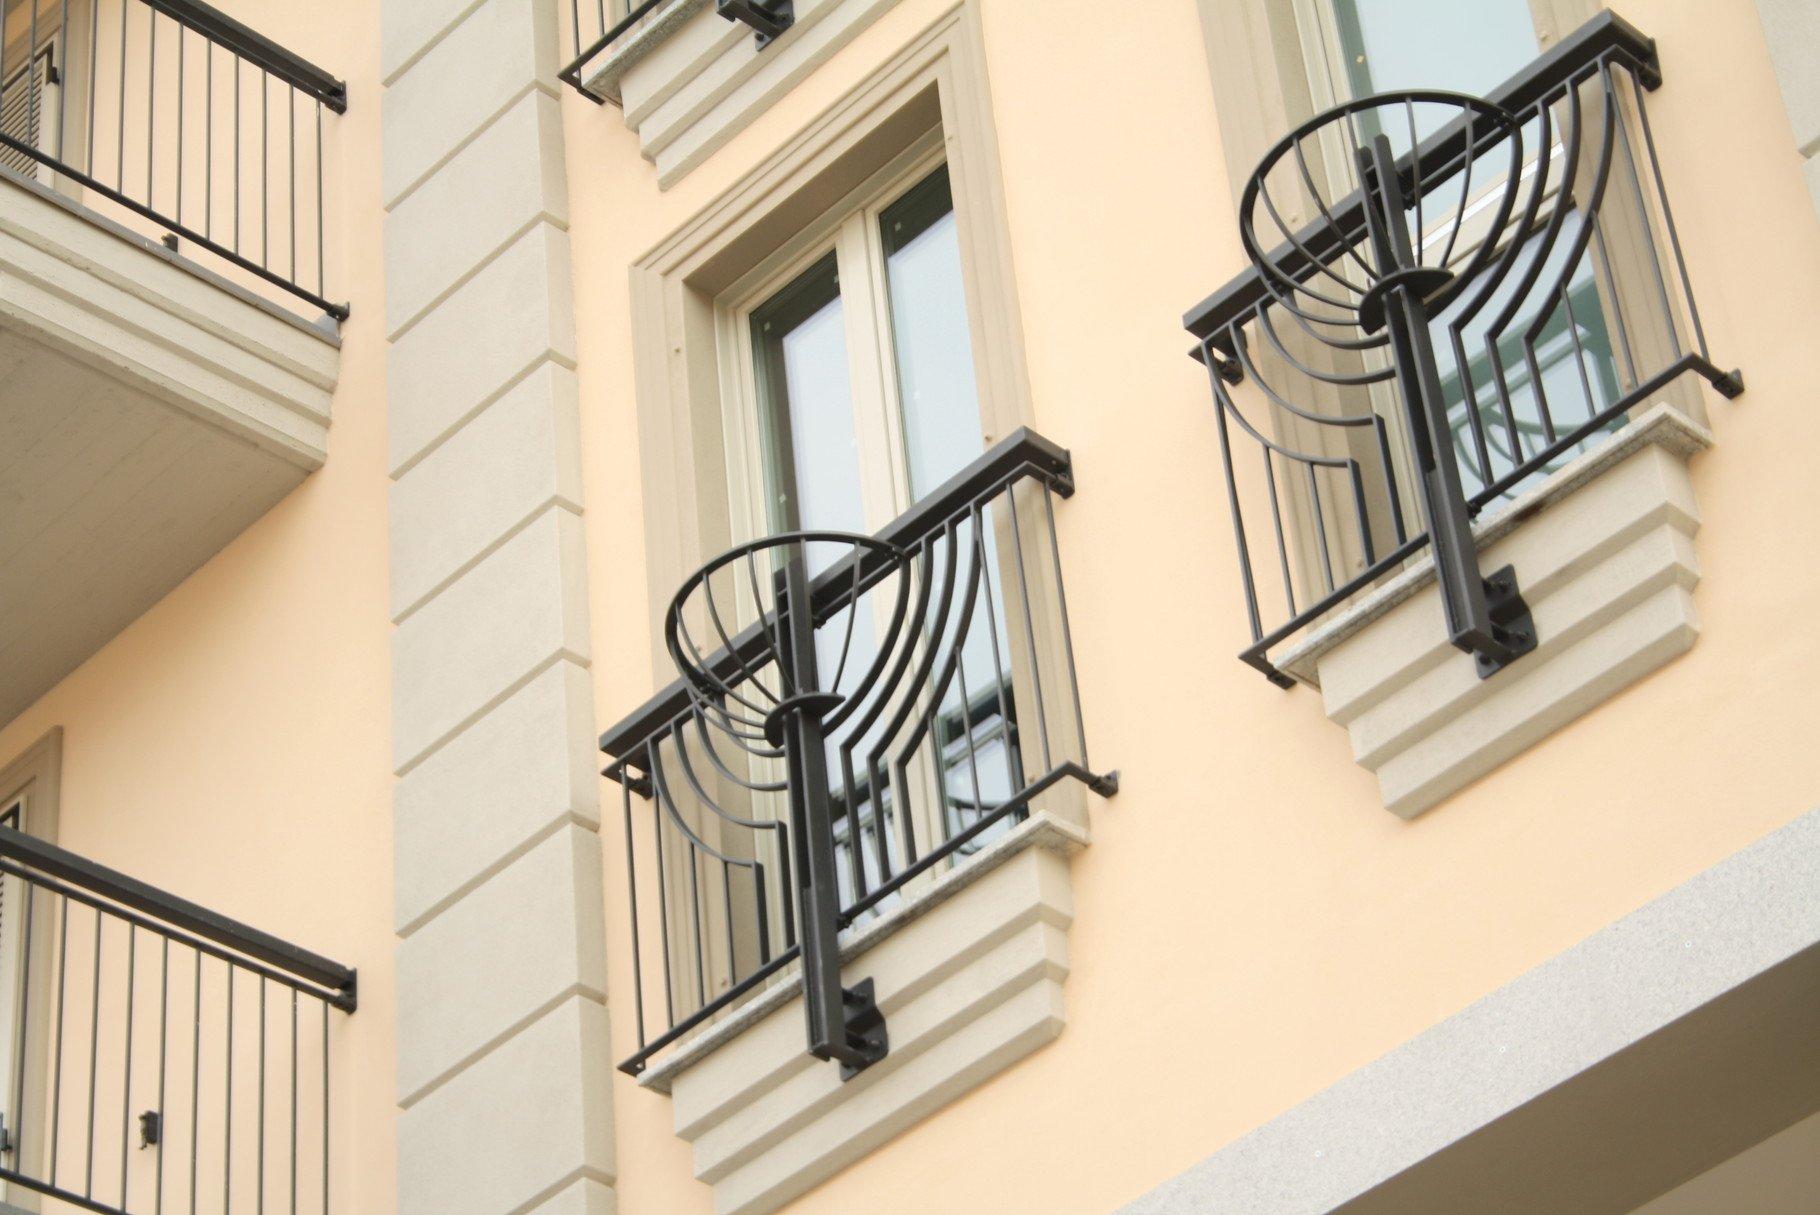 finestre di un palazzo